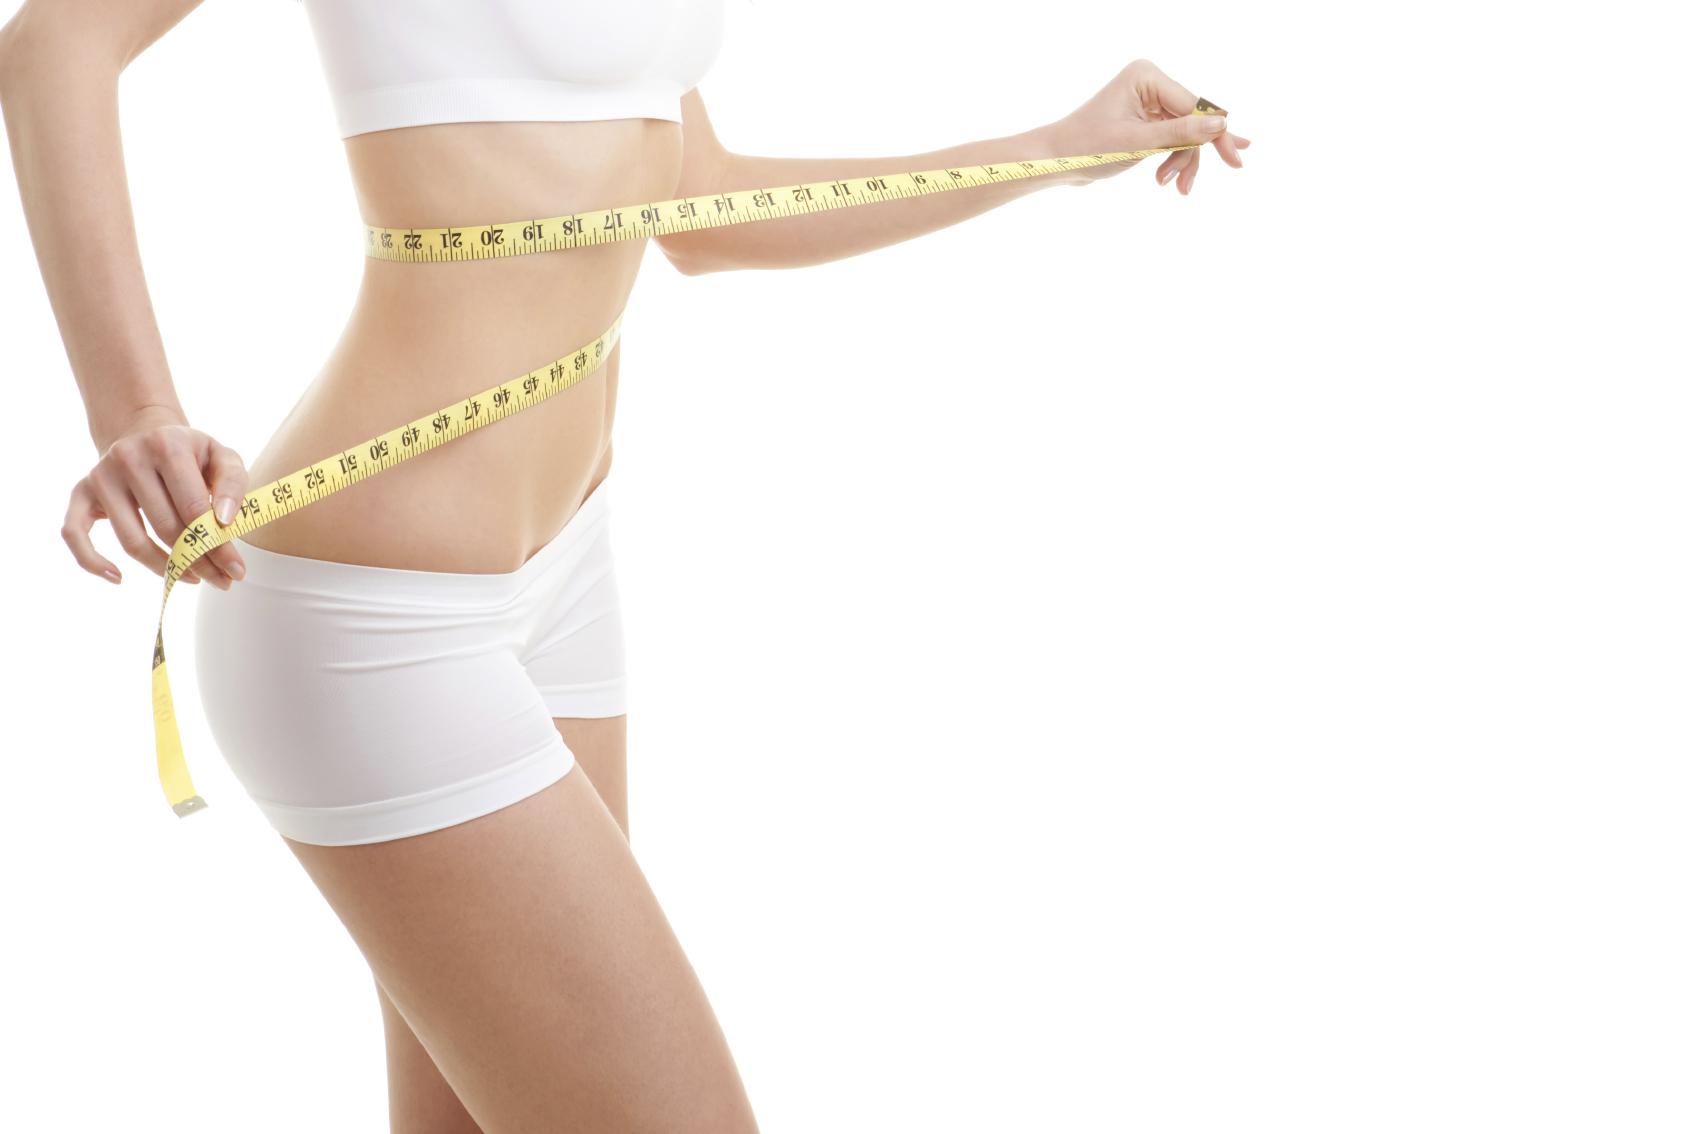 Как уменьшить талию: упражнения готовый план (фото) 47